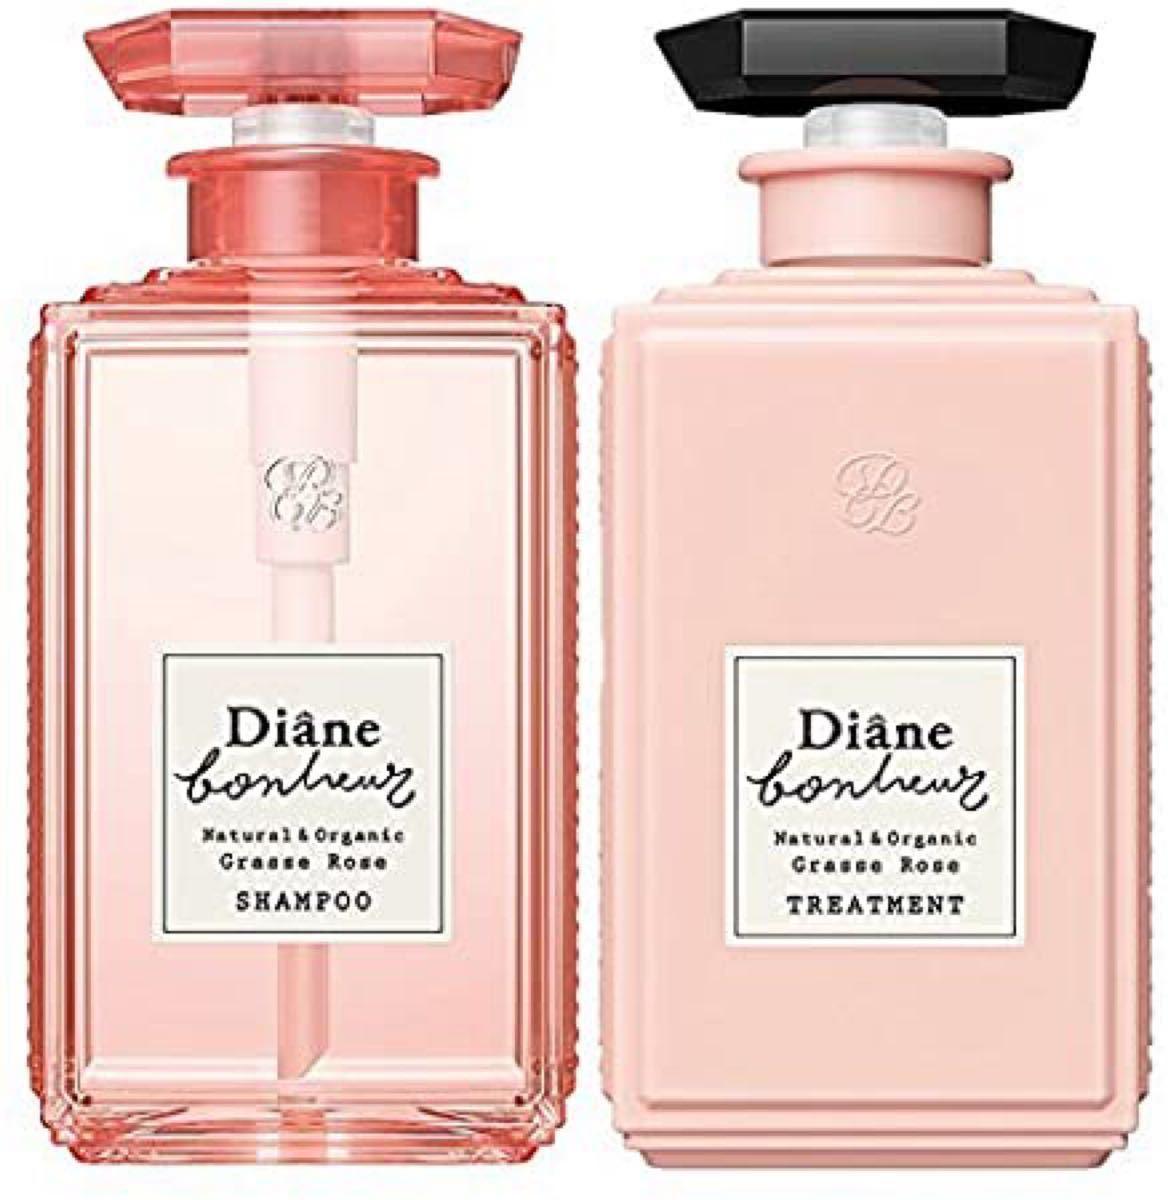 Dianeダイアン ボヌール●ダメージリペア (シャンプー&トリートメント)各500ml 本体セット/グラースローズの香り 新品